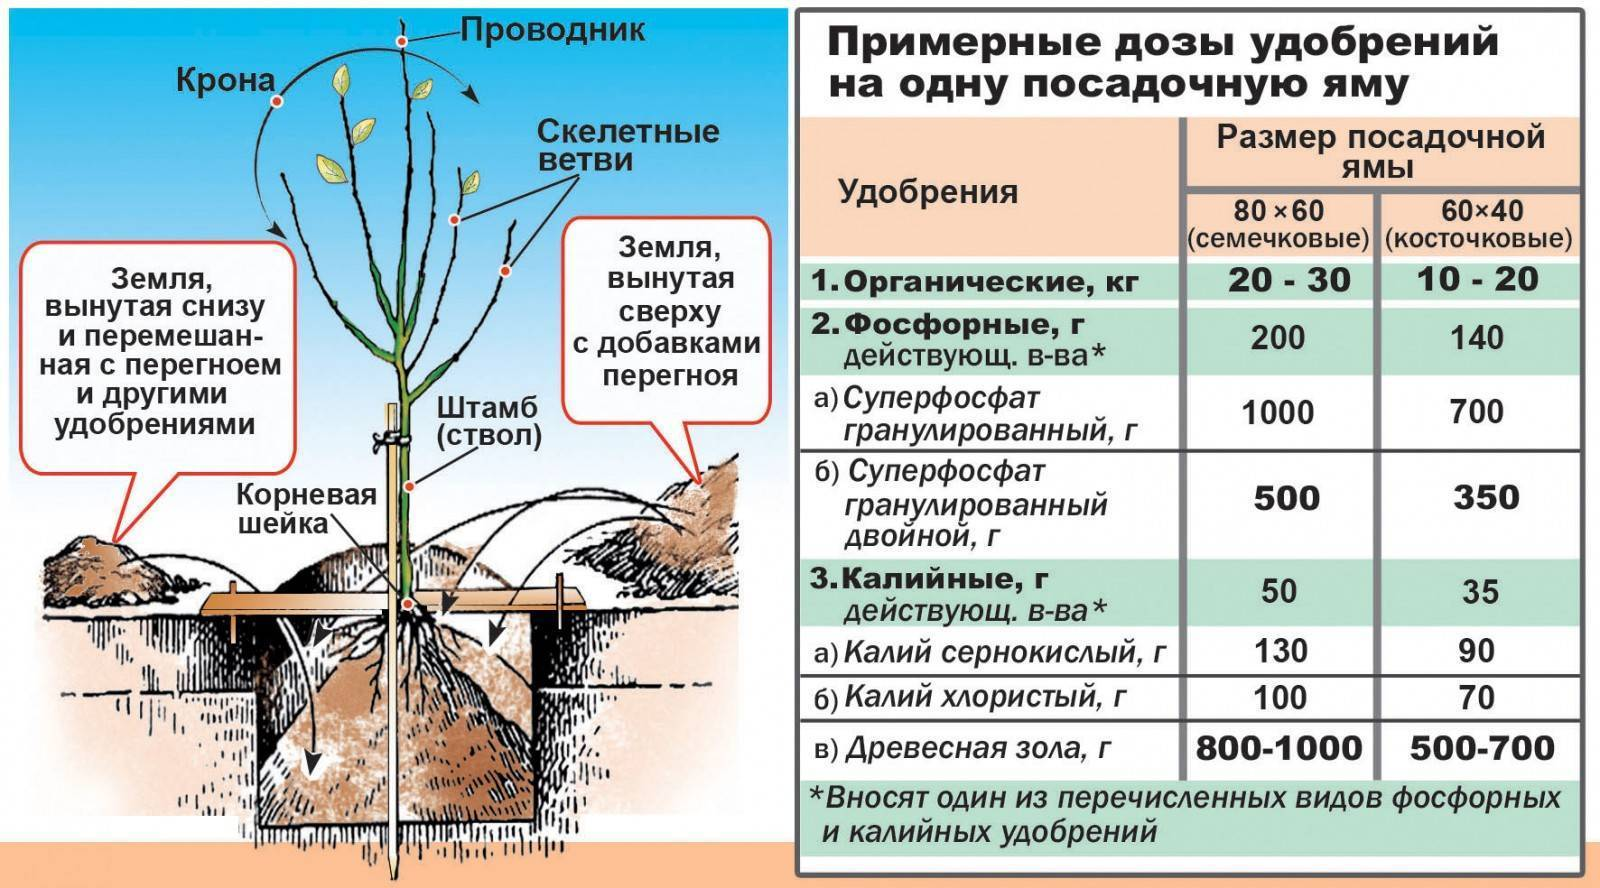 Правила весенней посадки и ухода за саженцами плодовых деревьев